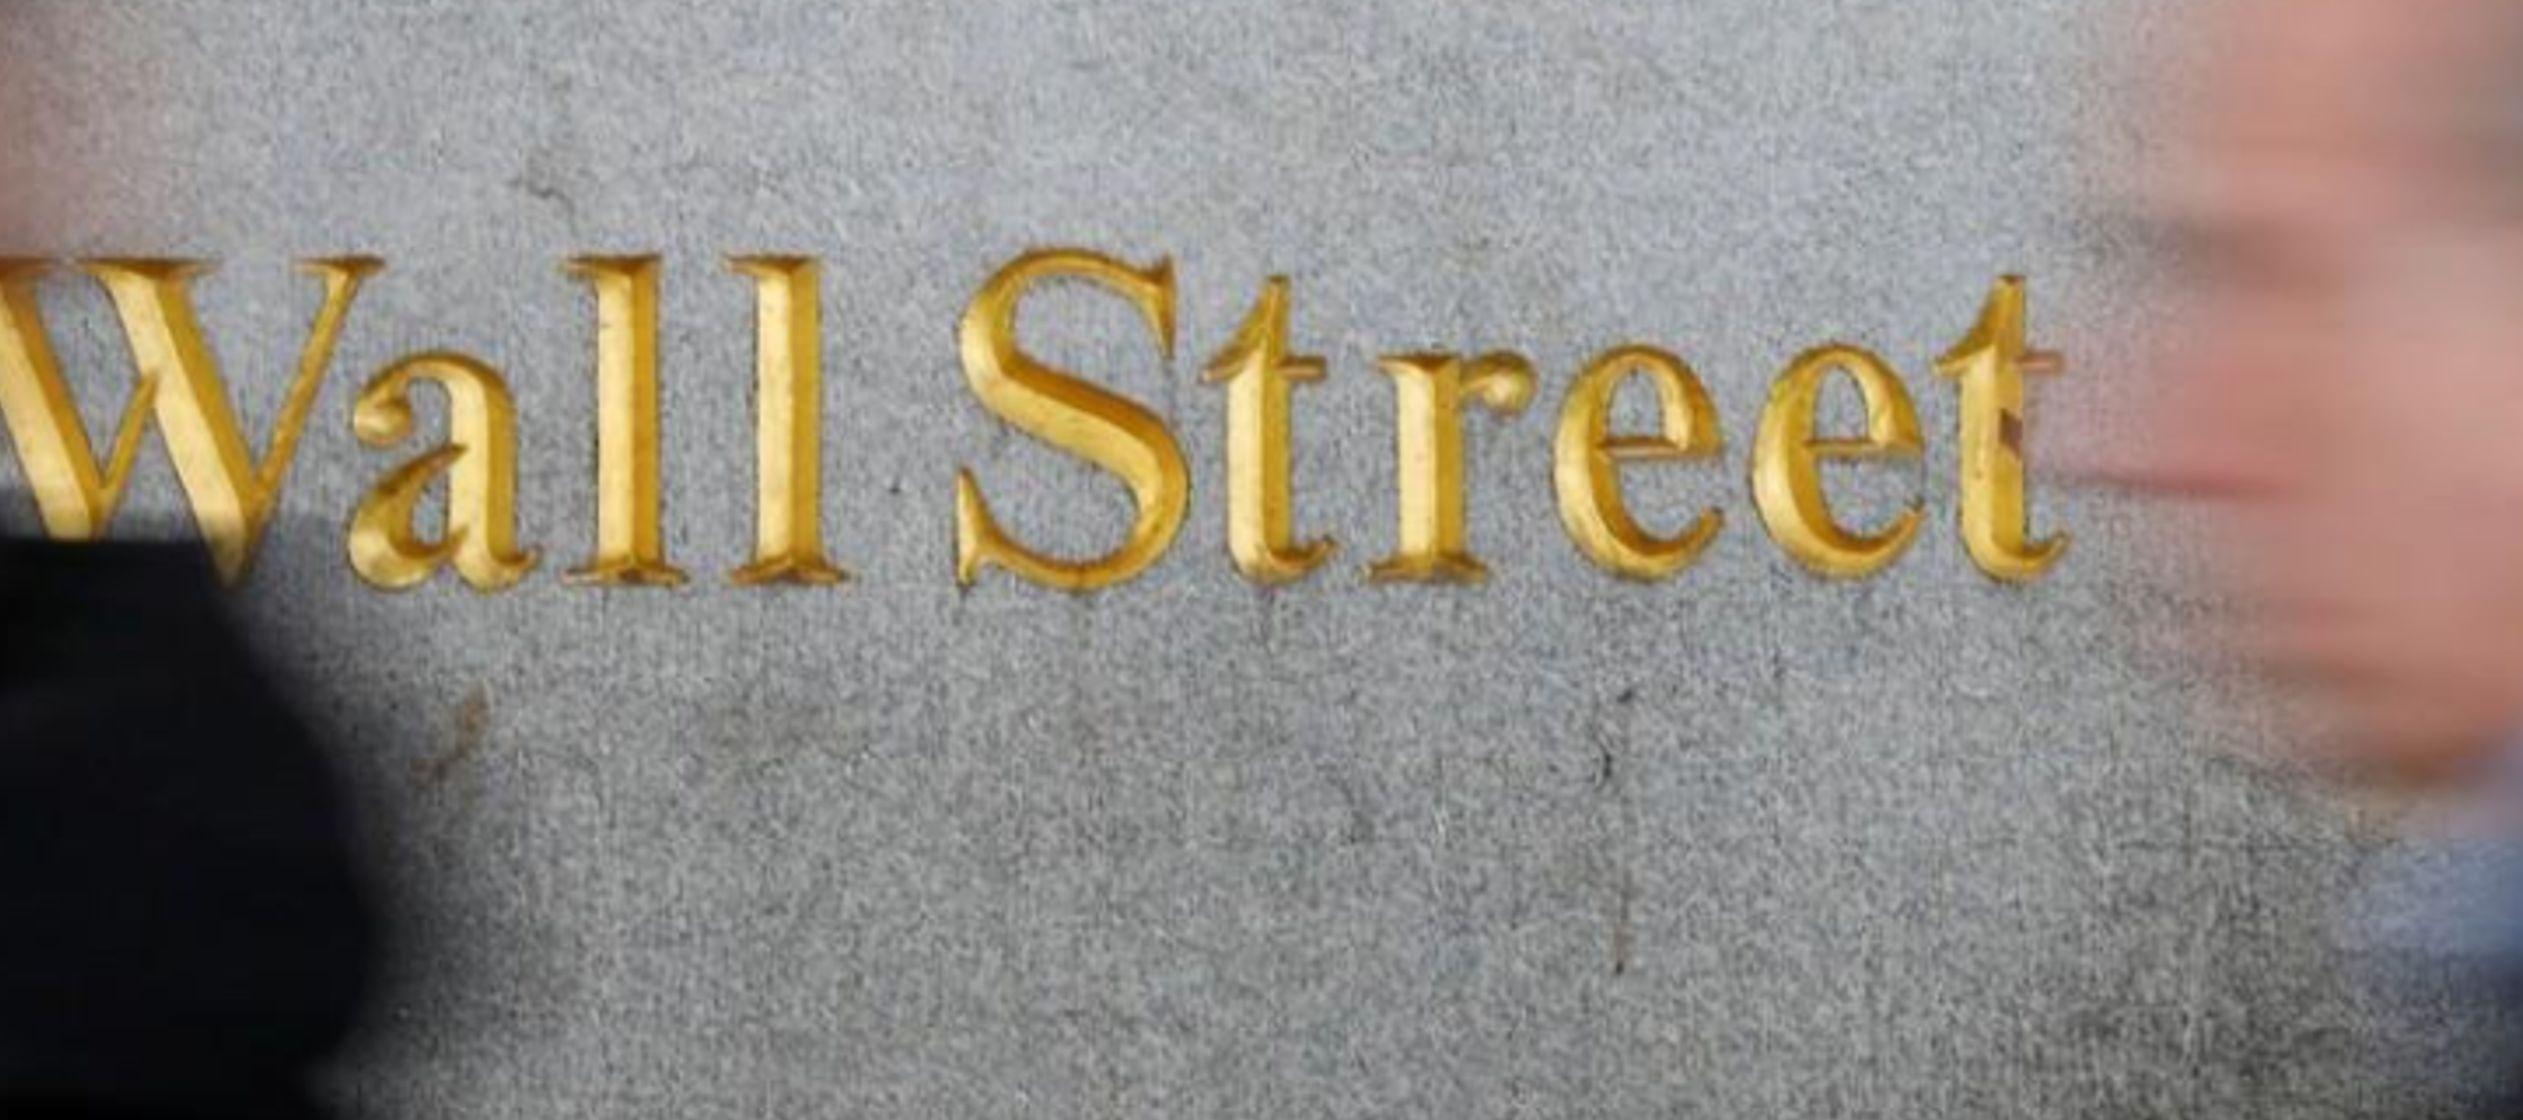 Wall Street cierra con ganancias, impulsado por avances en comercio con China